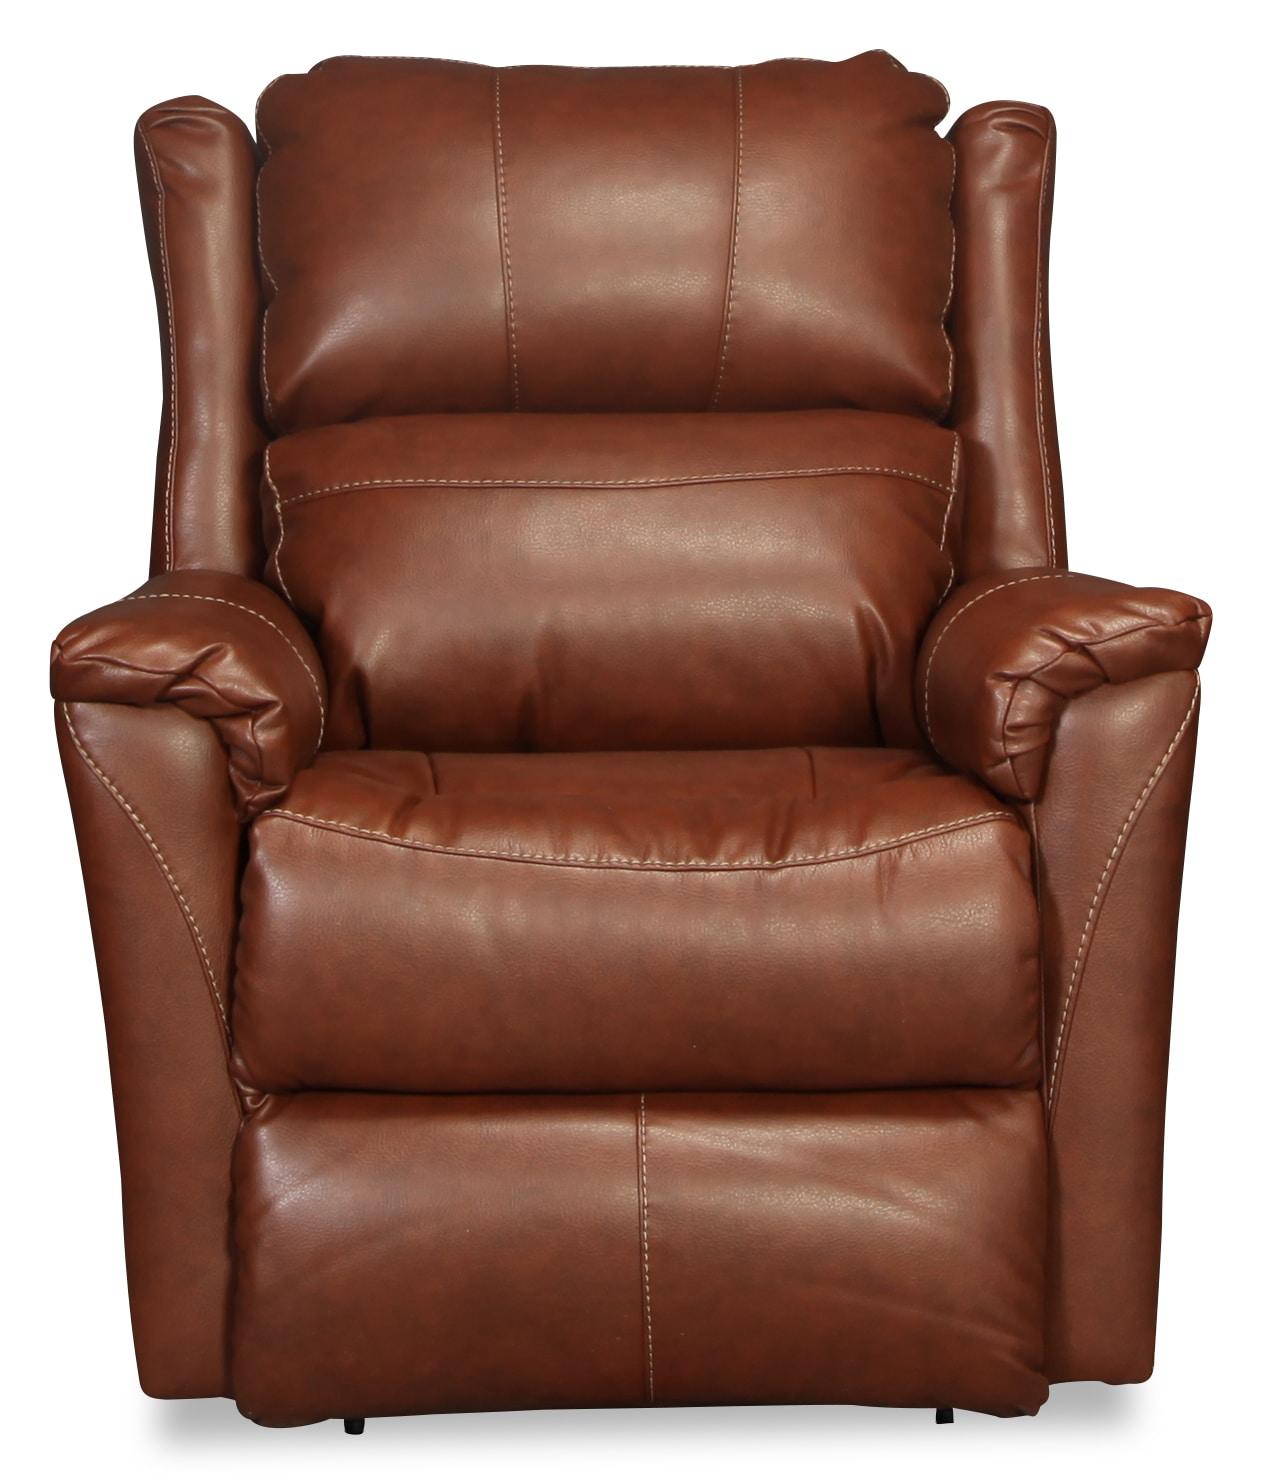 Living Room Furniture - Lonestar Power Wall Recliner